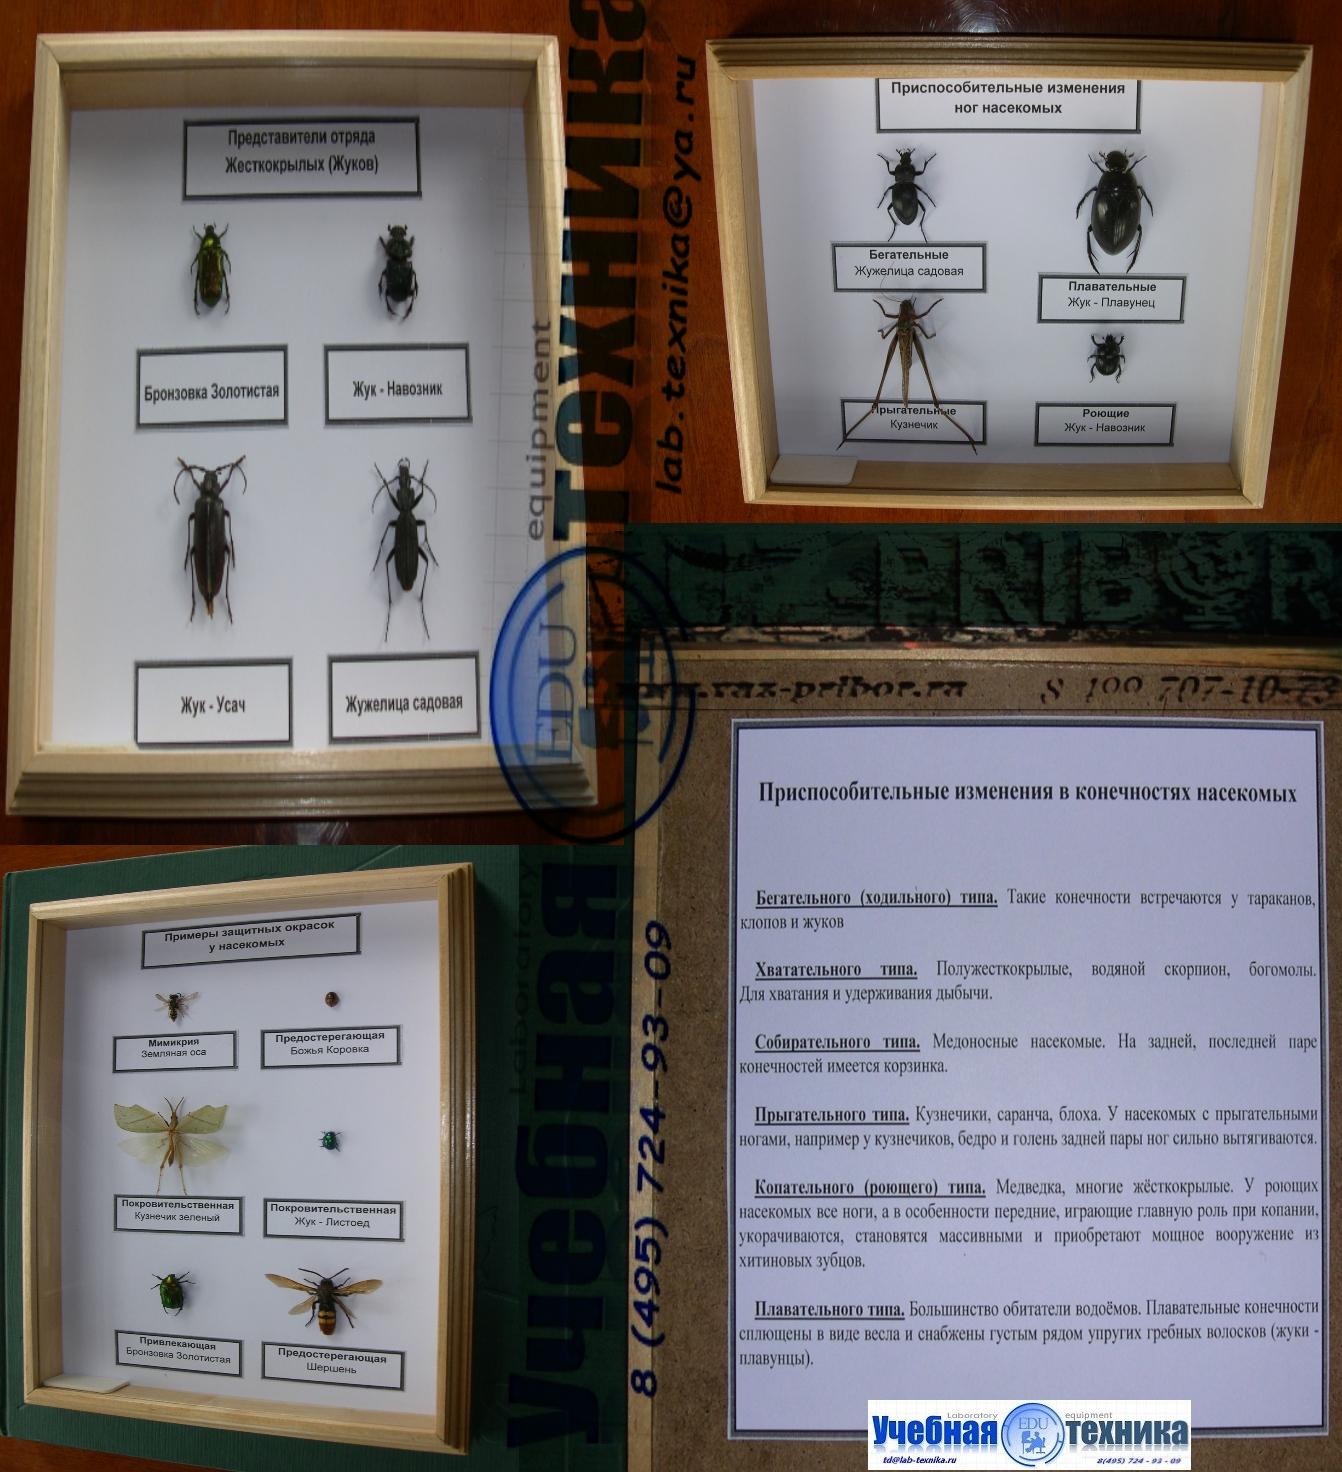 бабочки, жуки, биология, школа